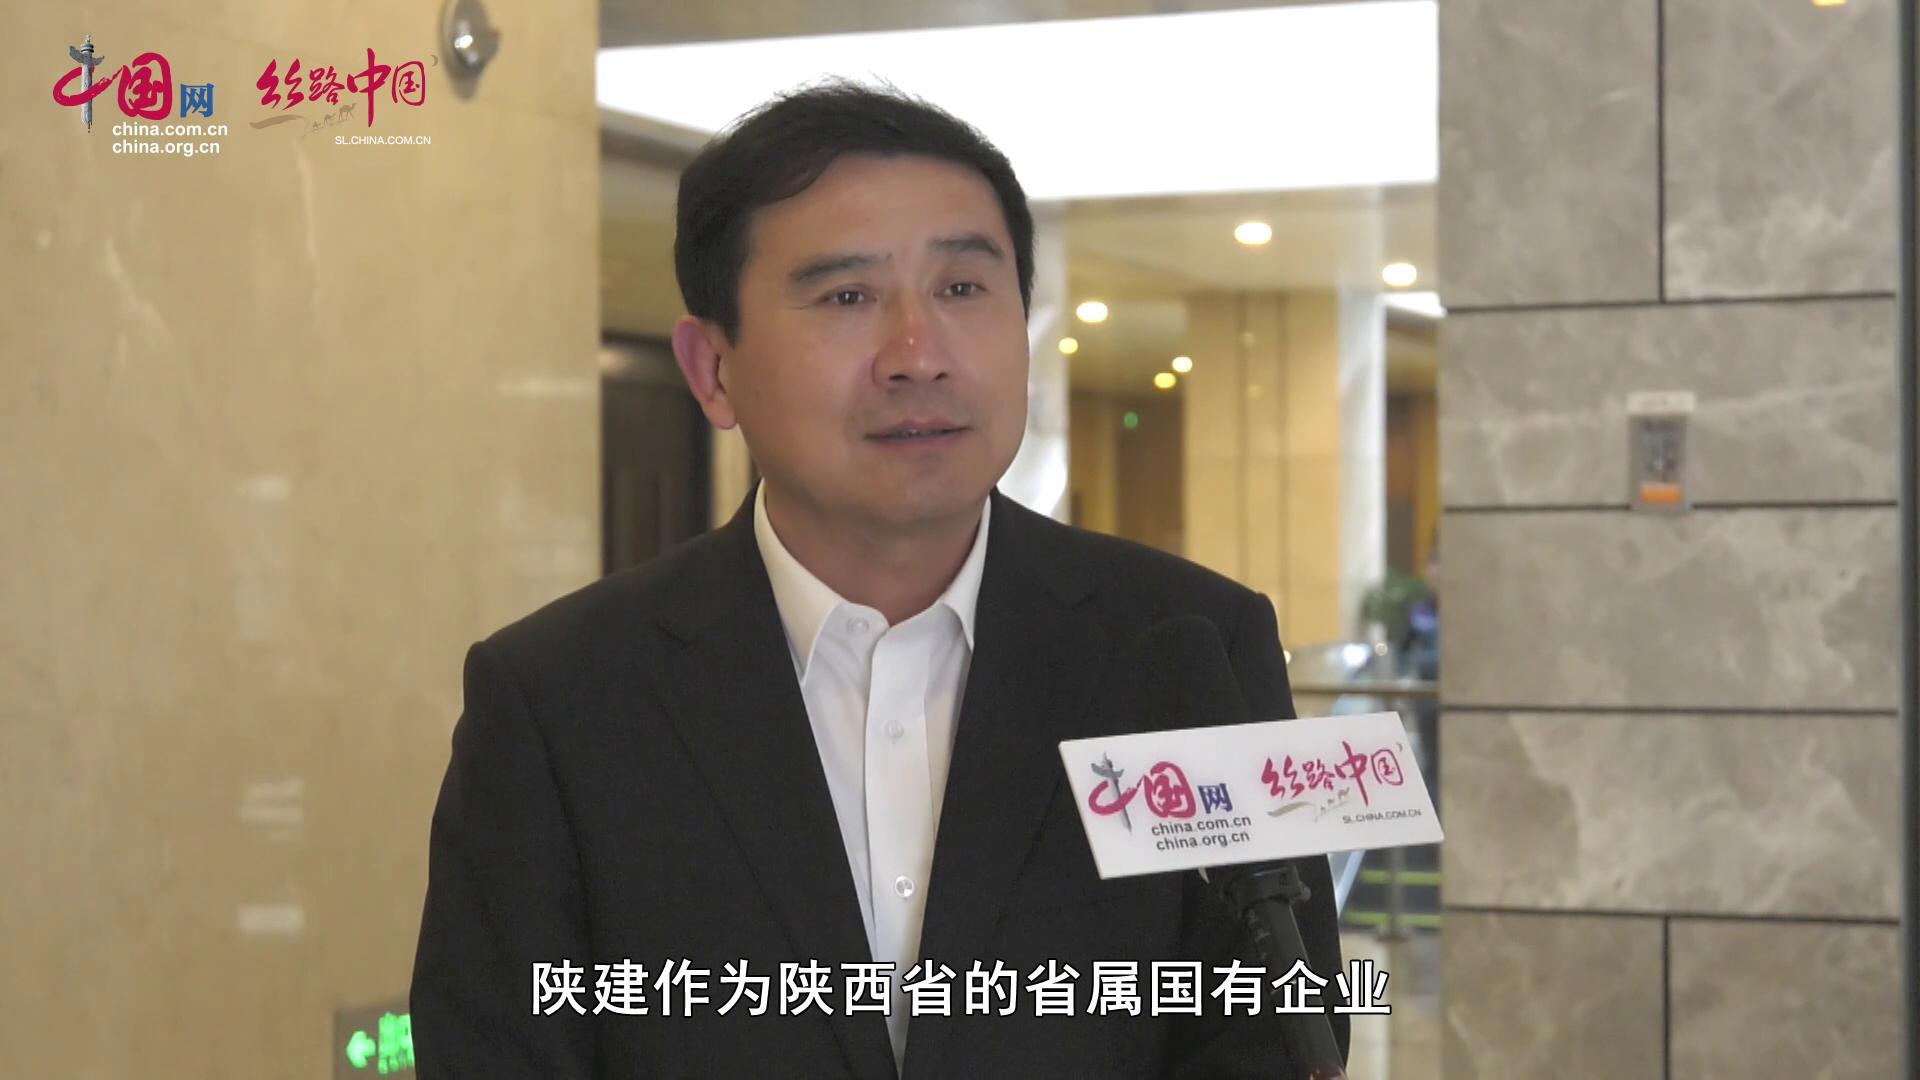 【视频】陕建集团:努力实现挺进世界500强和整体上市目标